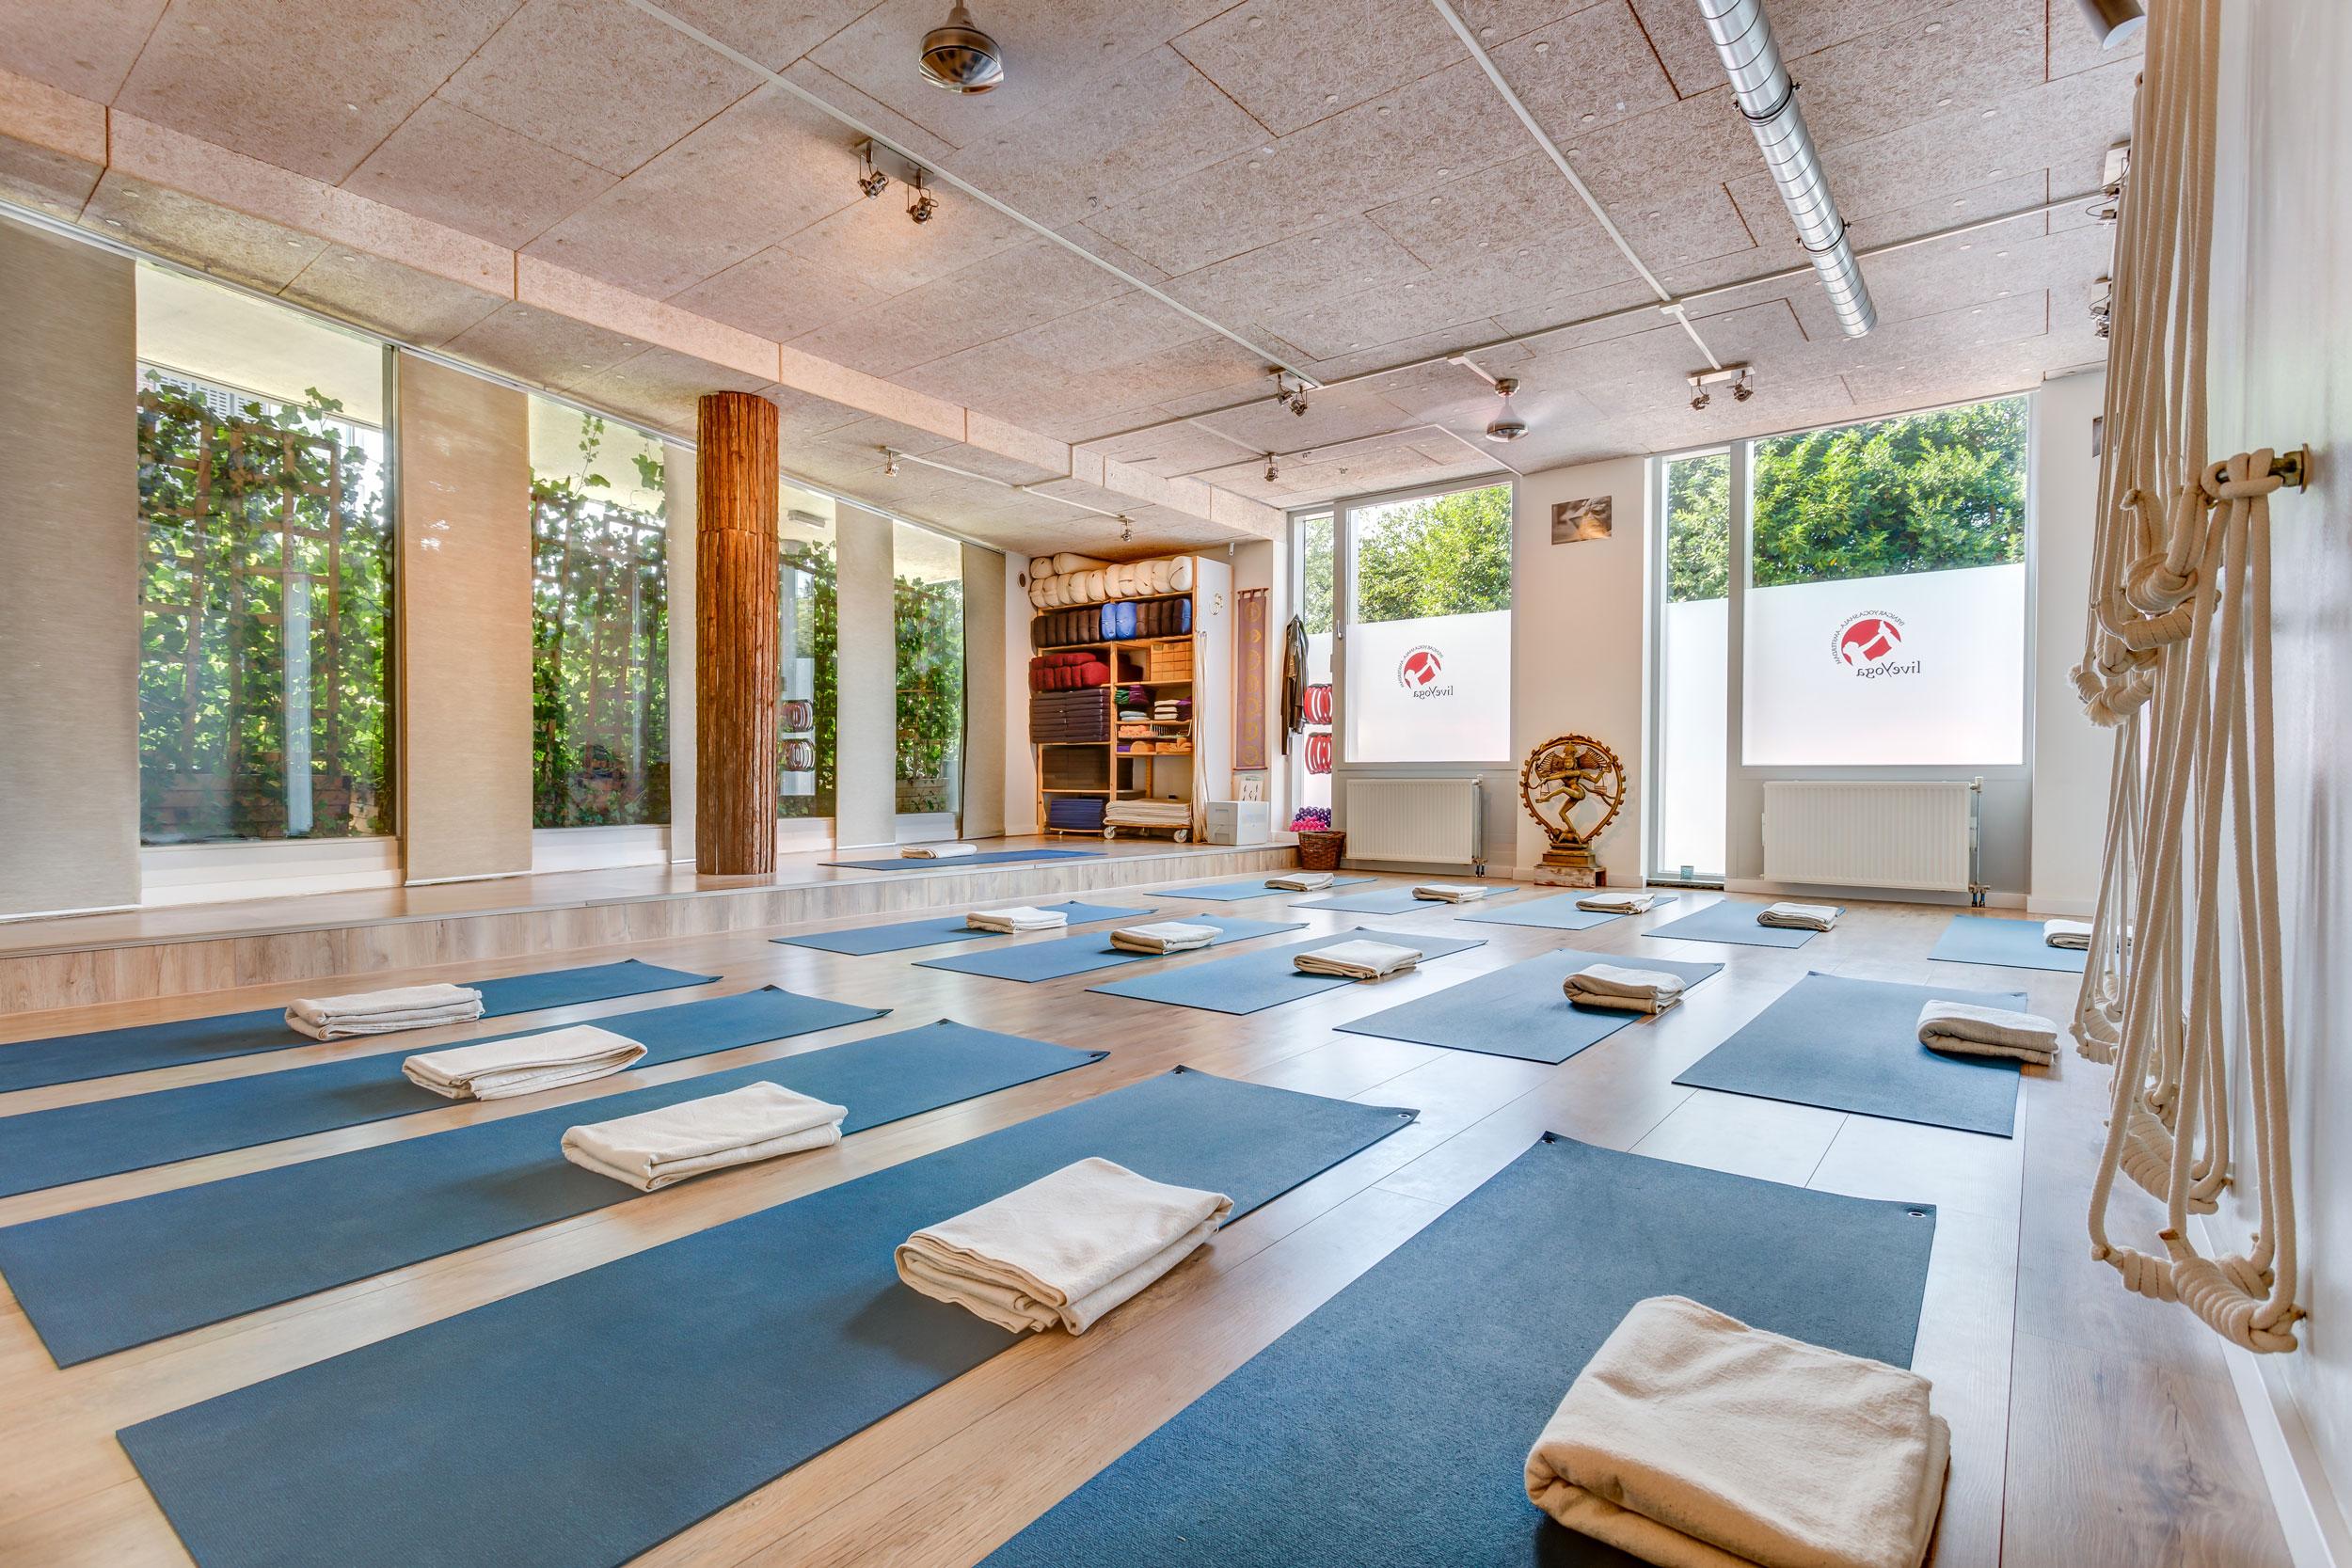 Iyengar yoga studio liveYoga Amsterdam